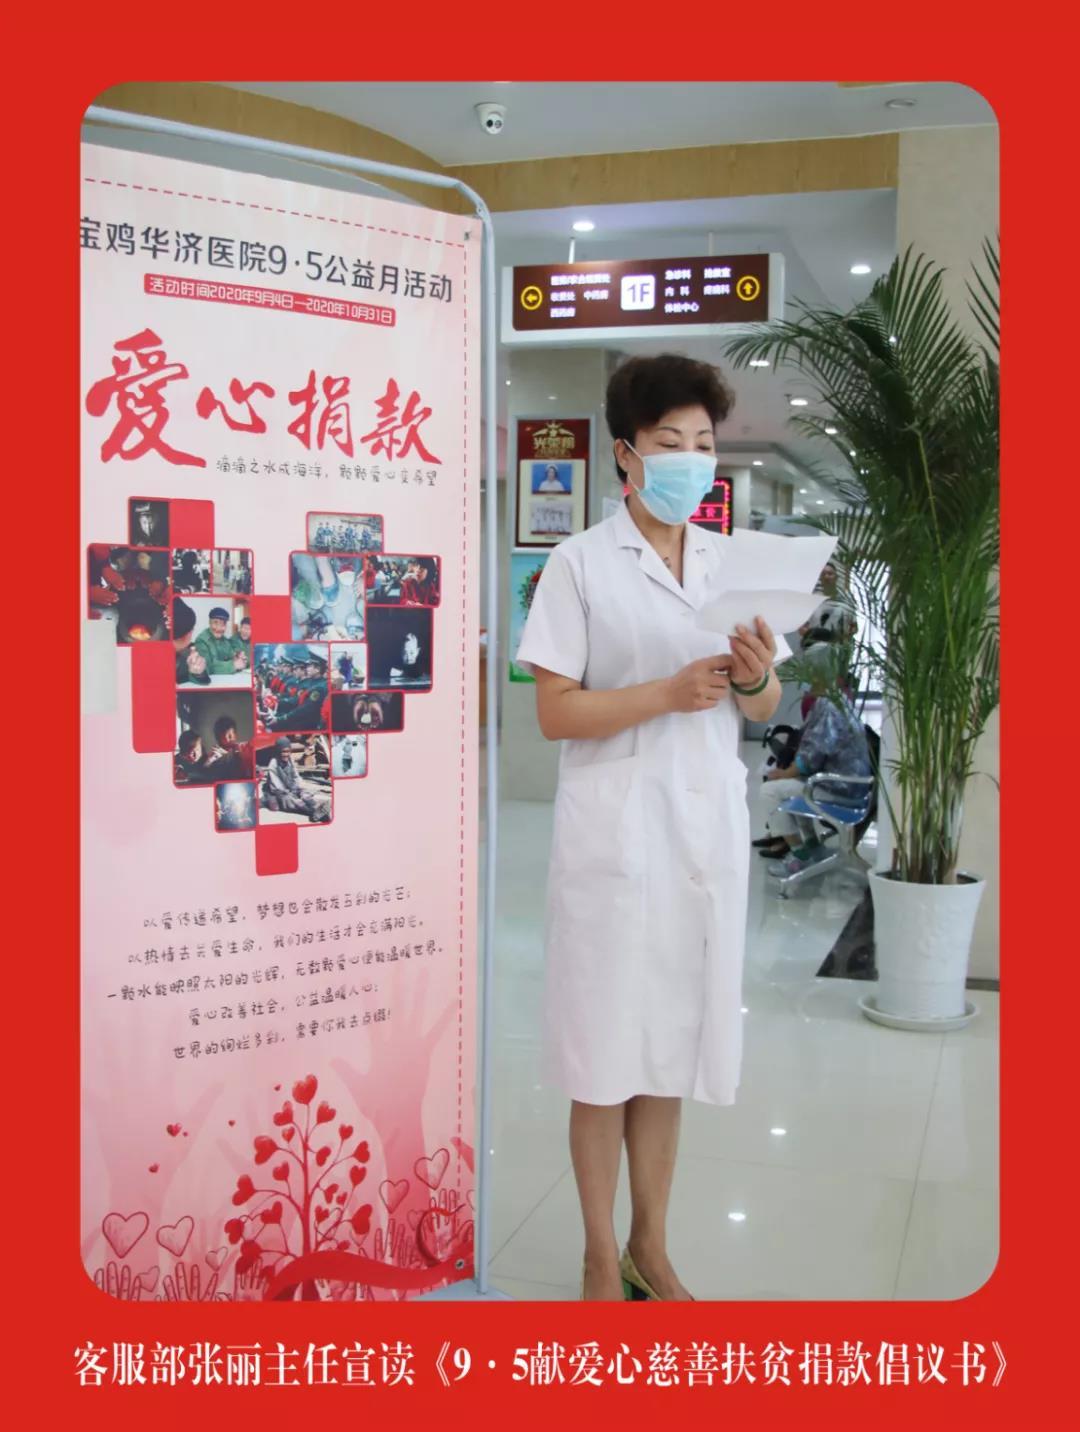 宝鸡华济医院